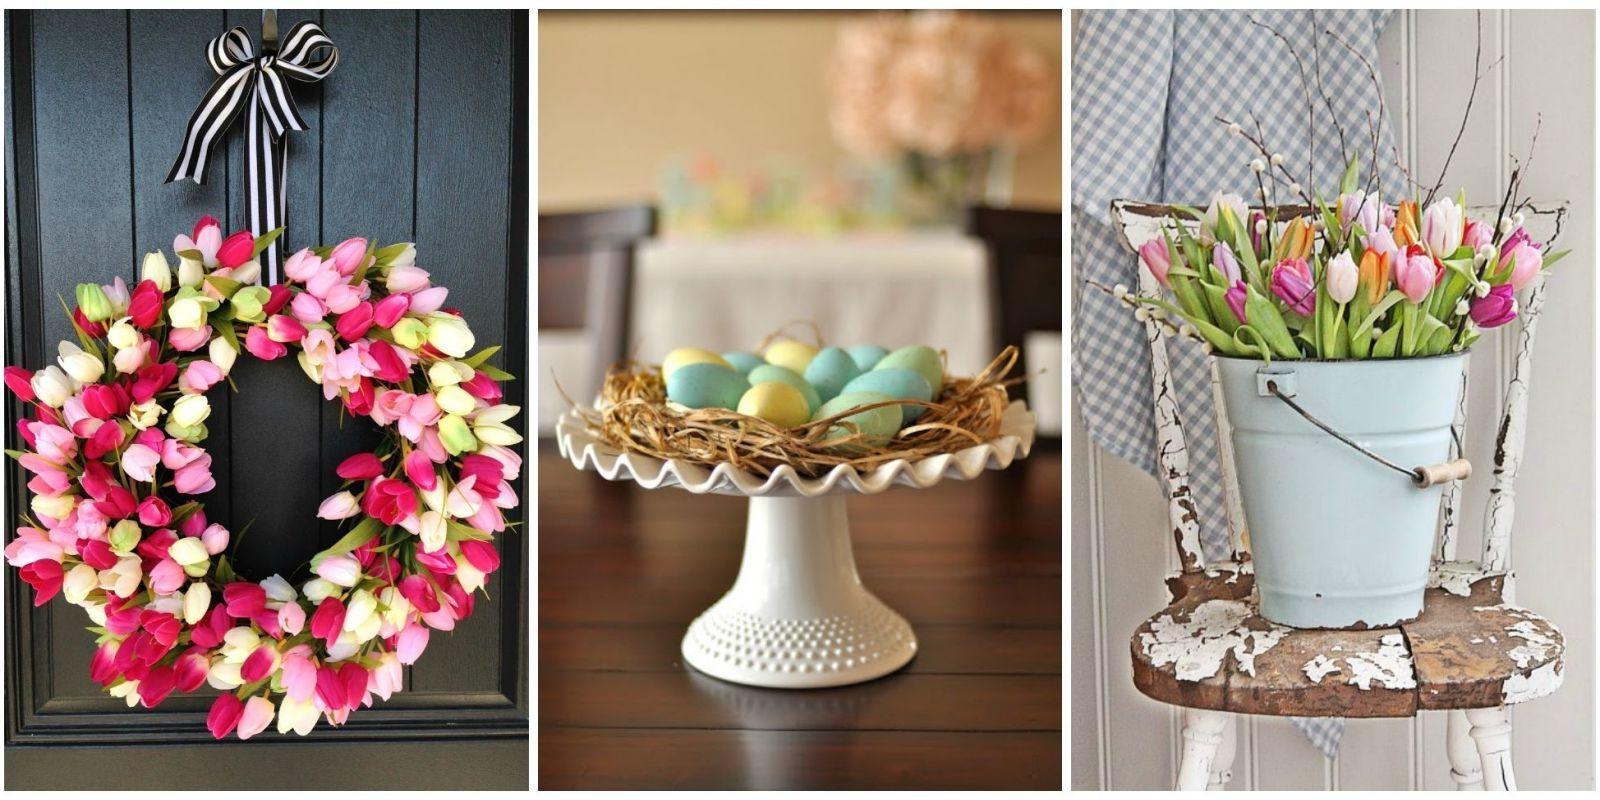 Osterdeko Garten: Dekoration mit Tulpen